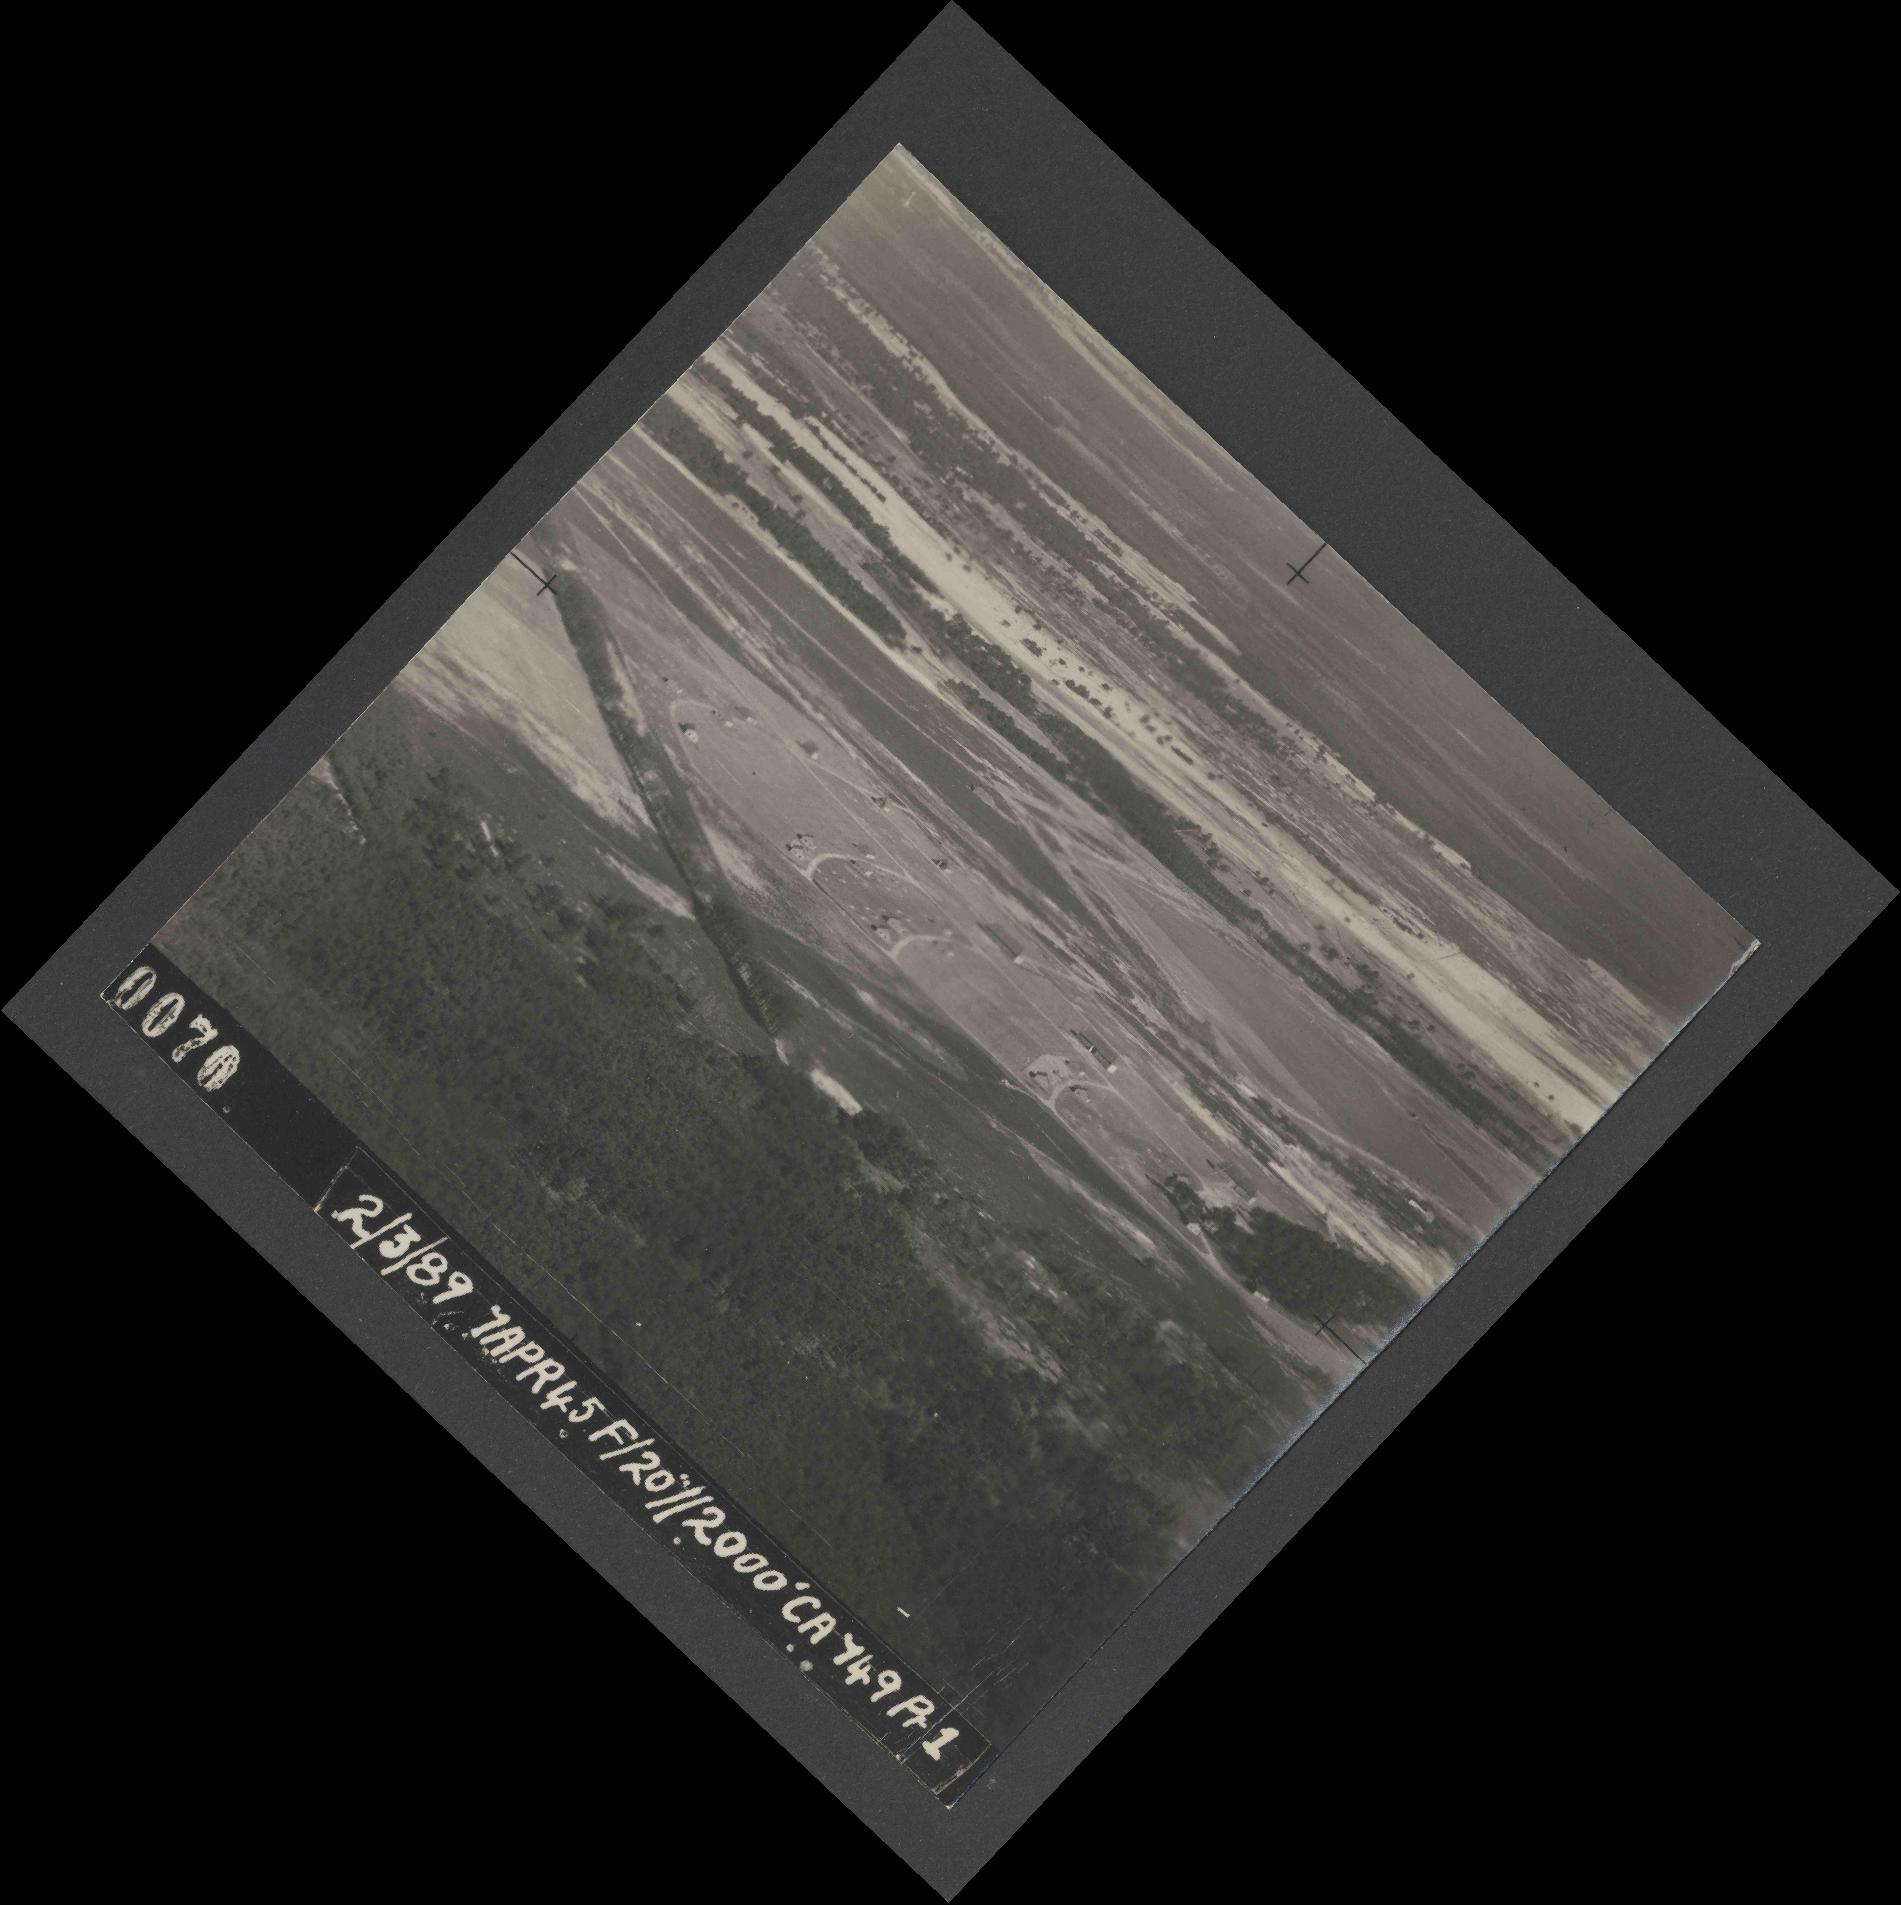 Collection RAF aerial photos 1940-1945 - flight 530, run 01, photo 0070